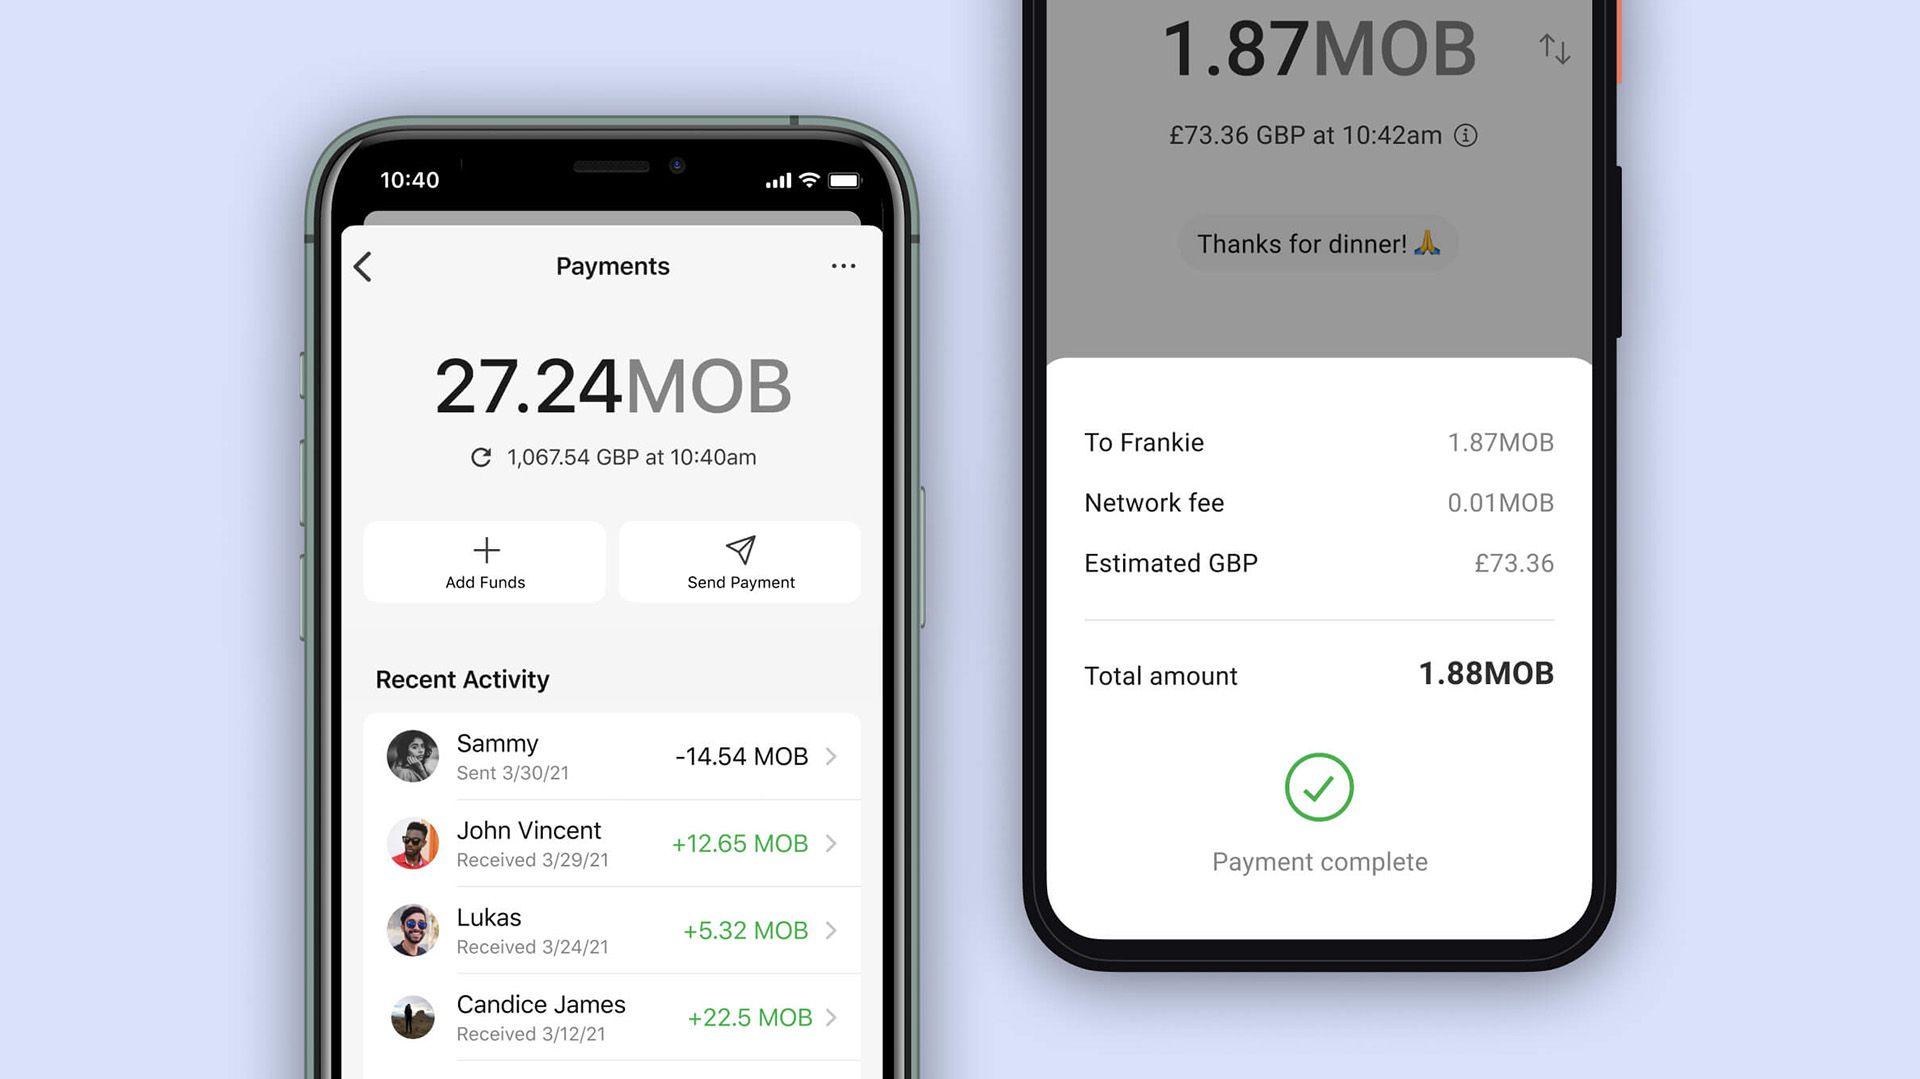 Pagos con la criptomoneda MobileCoin en Signal